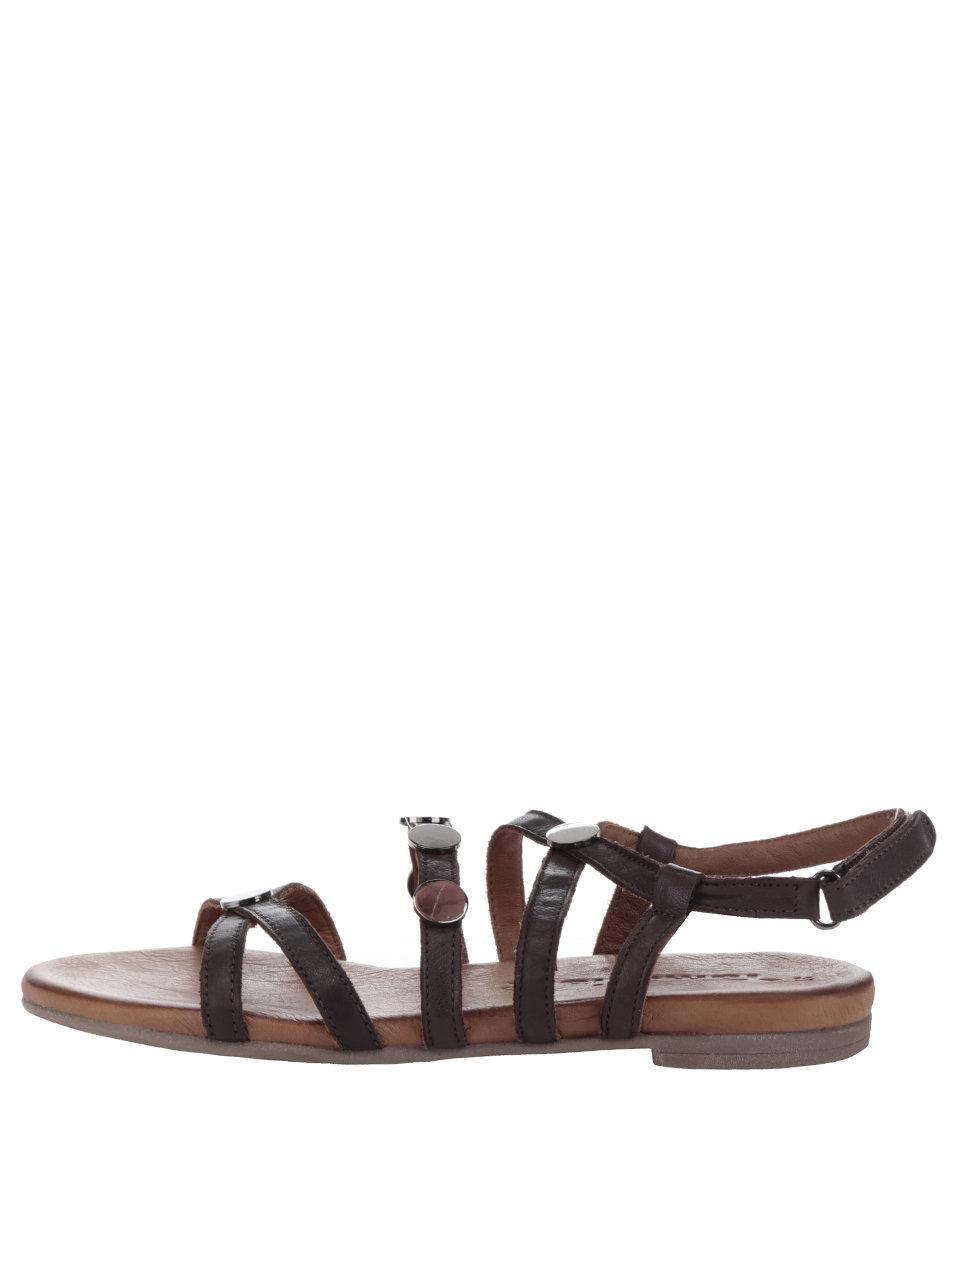 0bf2de4d5320 Tmavohnedé kožené sandále s detailmi v sivej farbe Tamaris ...